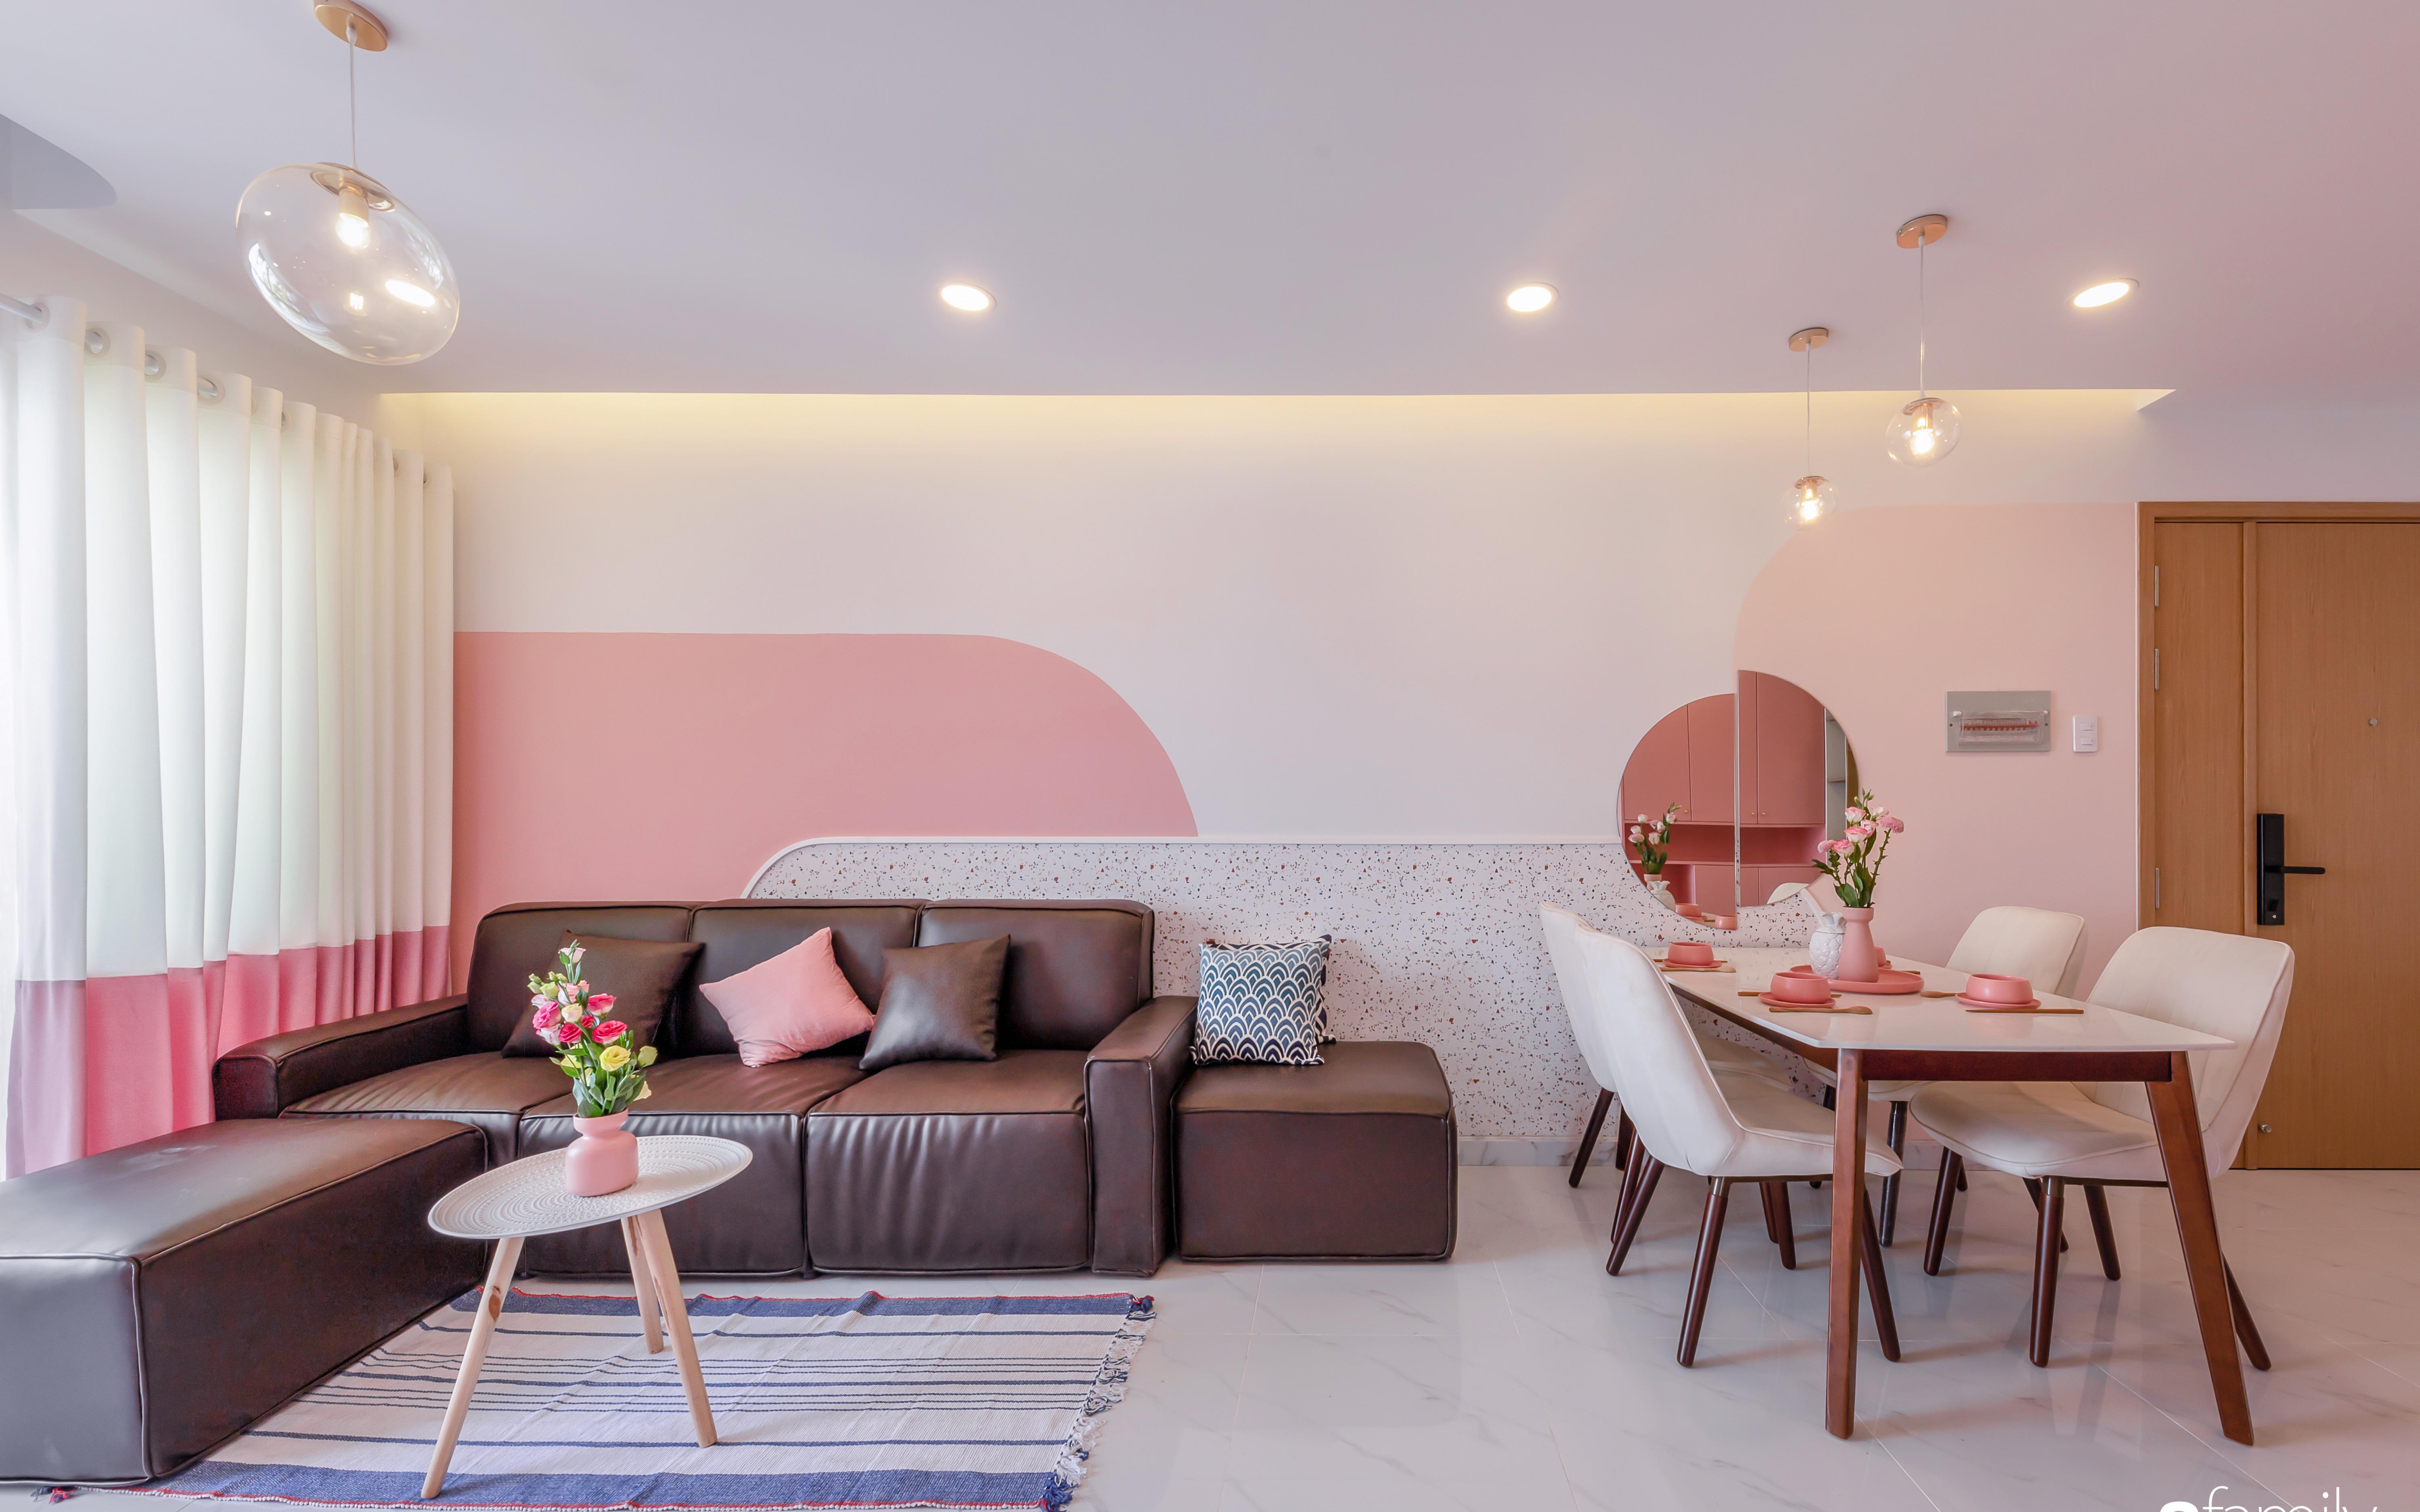 Căn hộ 100m² ngọt ngào khi chọn sắc hồng làm màu chủ đạo có chi phí hoàn thiện 450 triệu đồng